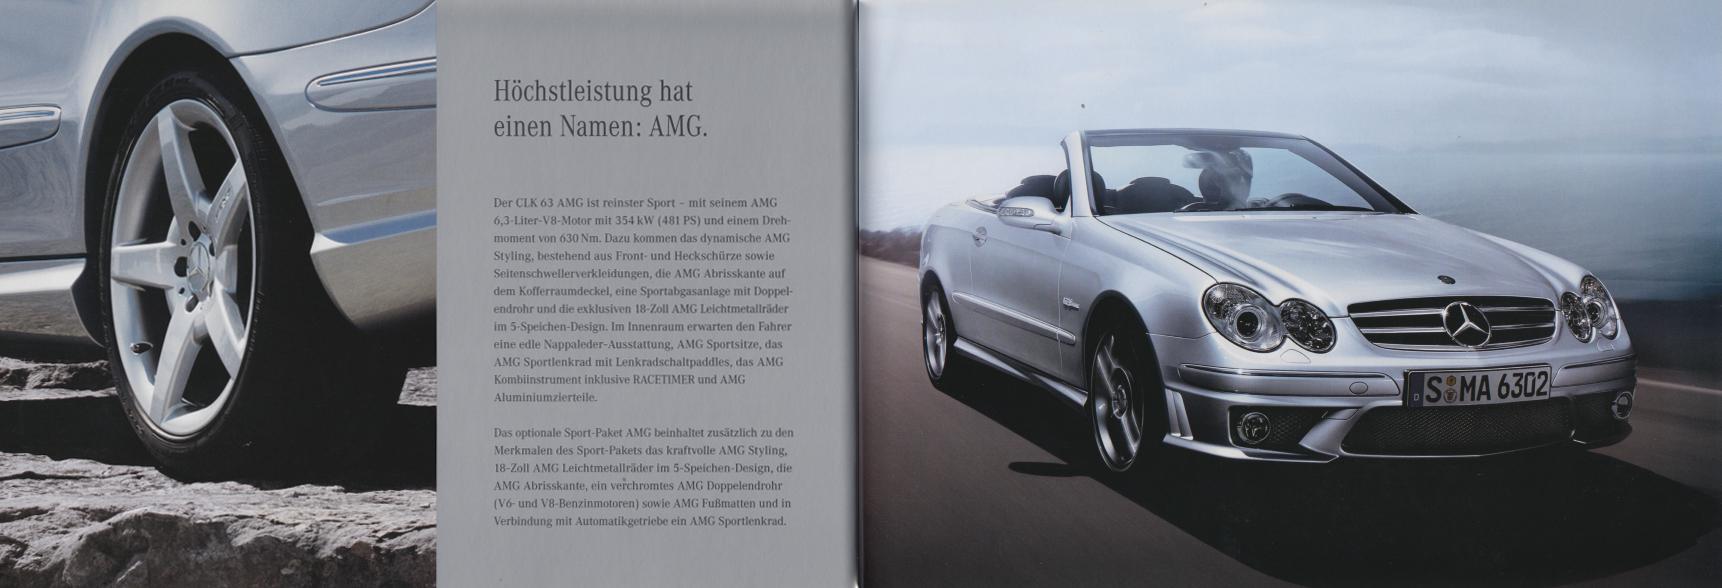 (A209): Catálogo 2008 - alemão 020